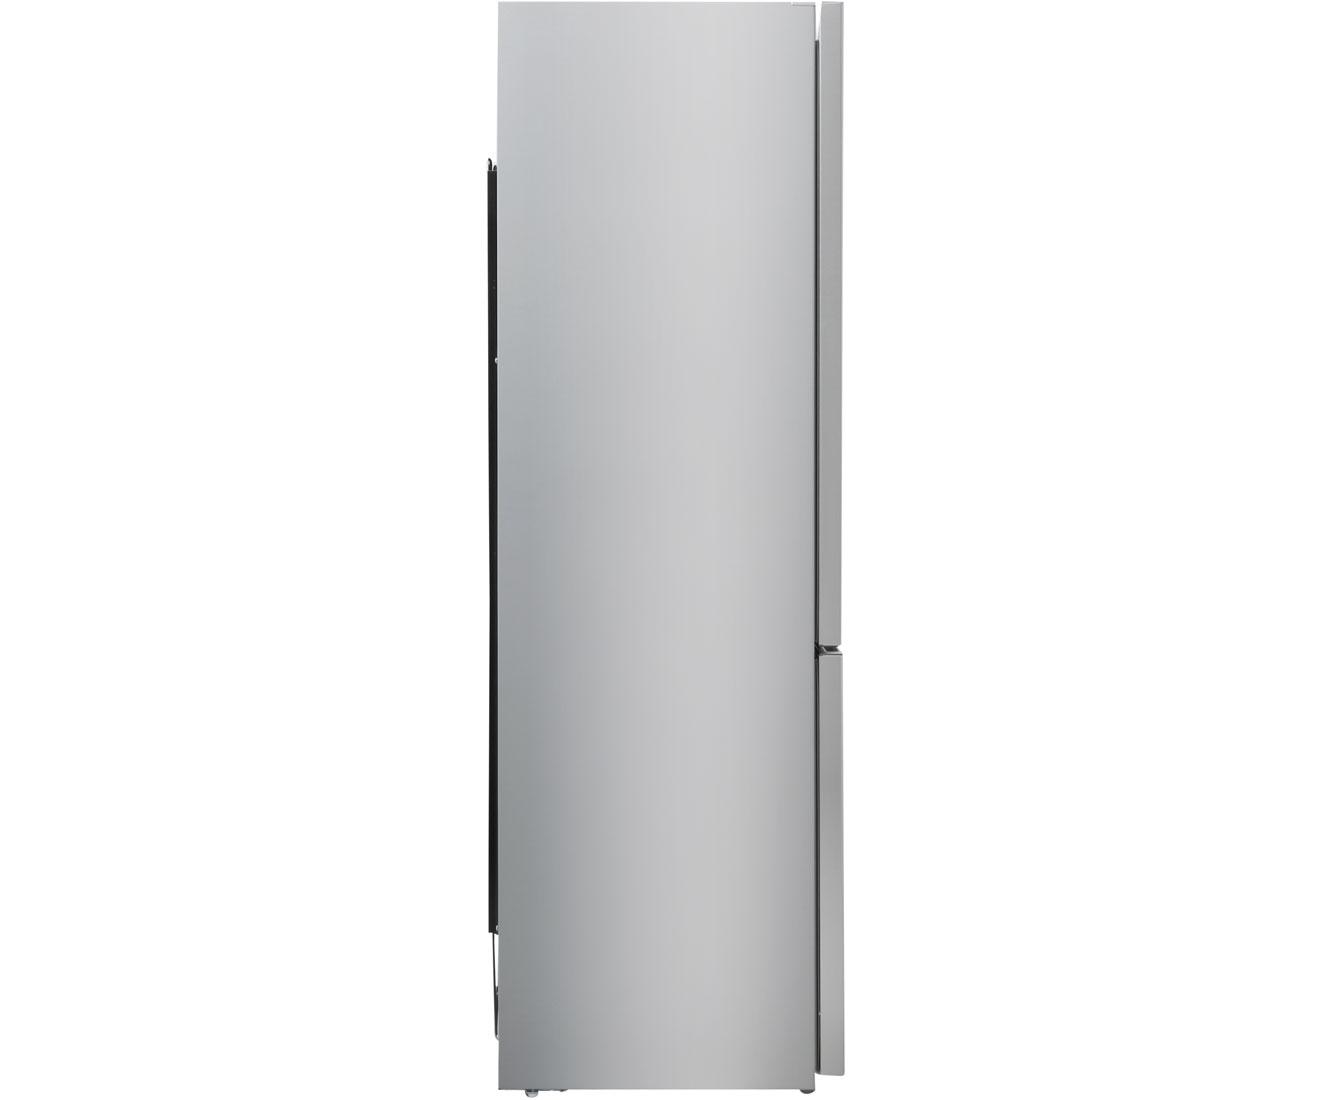 Kühlschrank No Frost Bauknecht : Bauknecht kgnfi 206 a3 in kühl gefrierkombination mit no frost